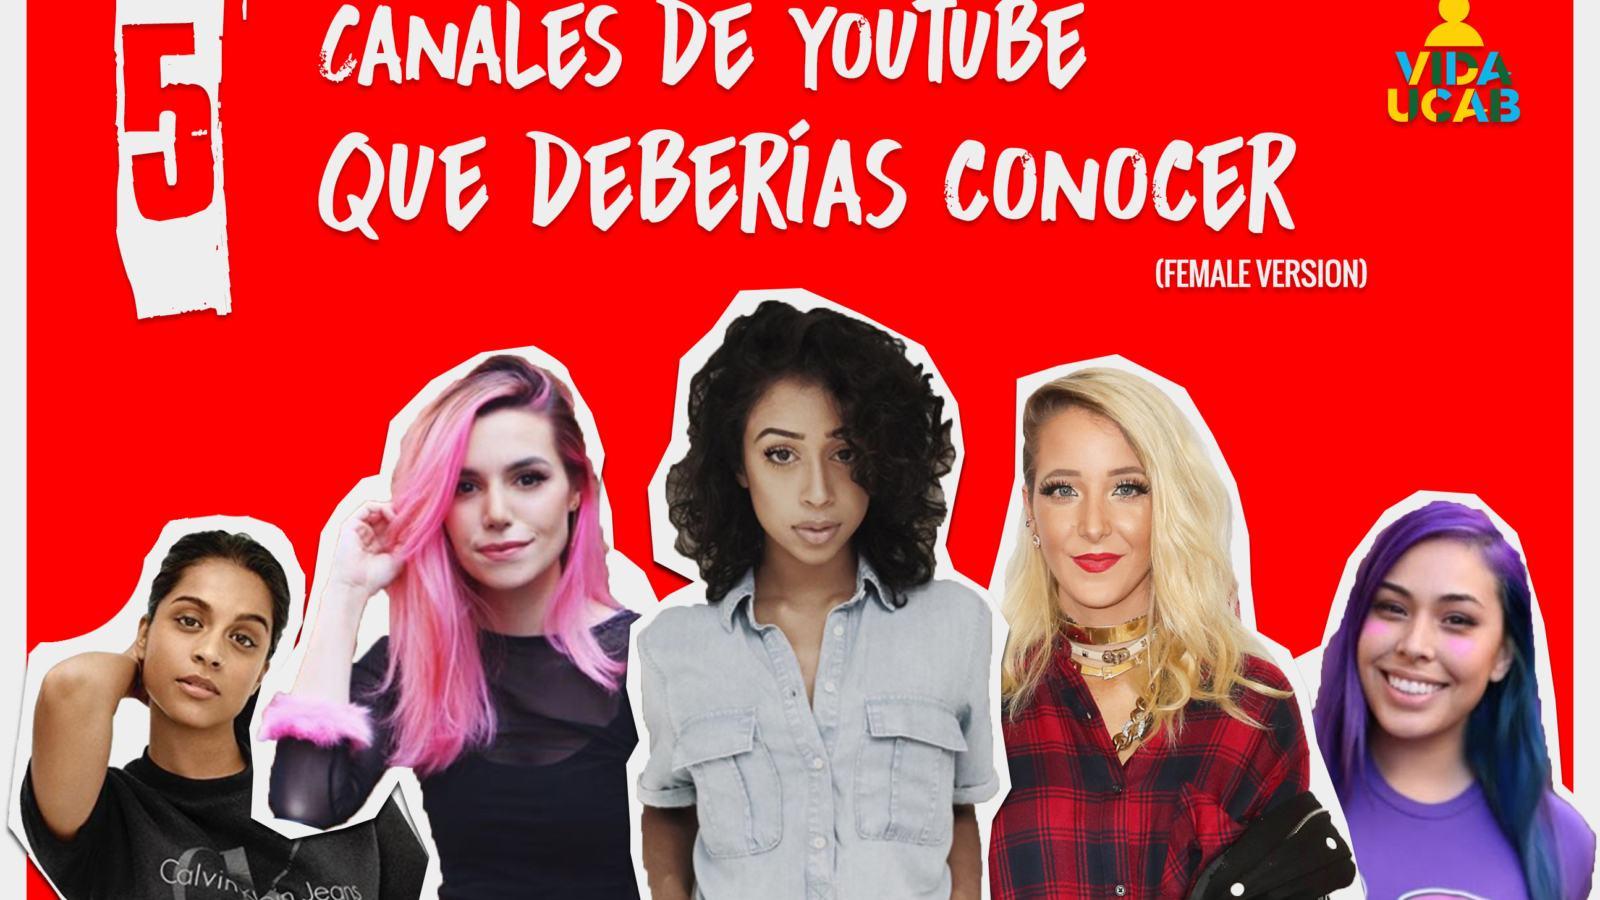 canales de youtube femeninos